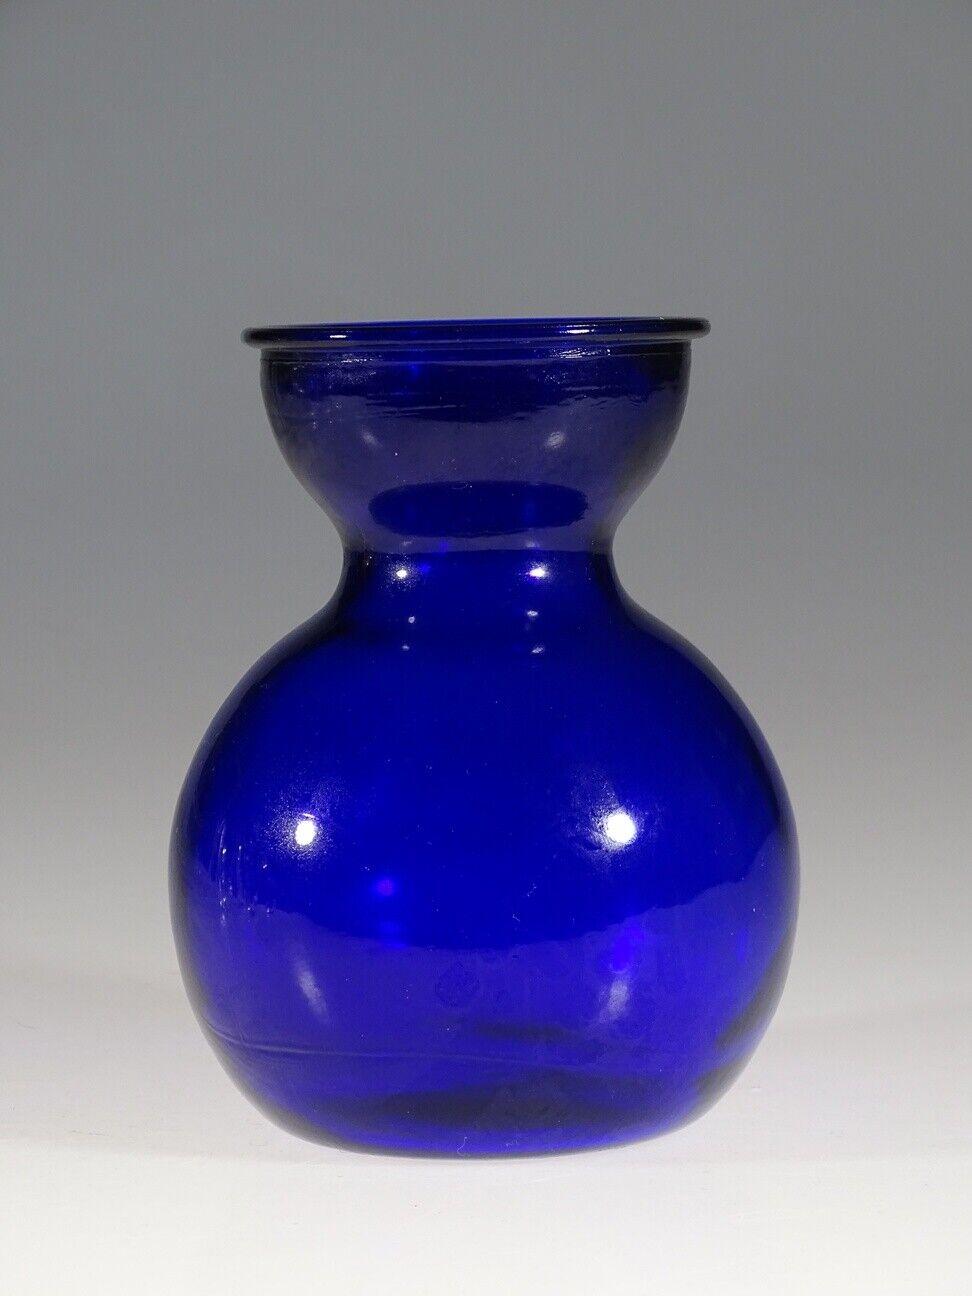 Vintage Dutch or German Rich Cobalt Blue Glass Bulb Forcing Vase c.1975